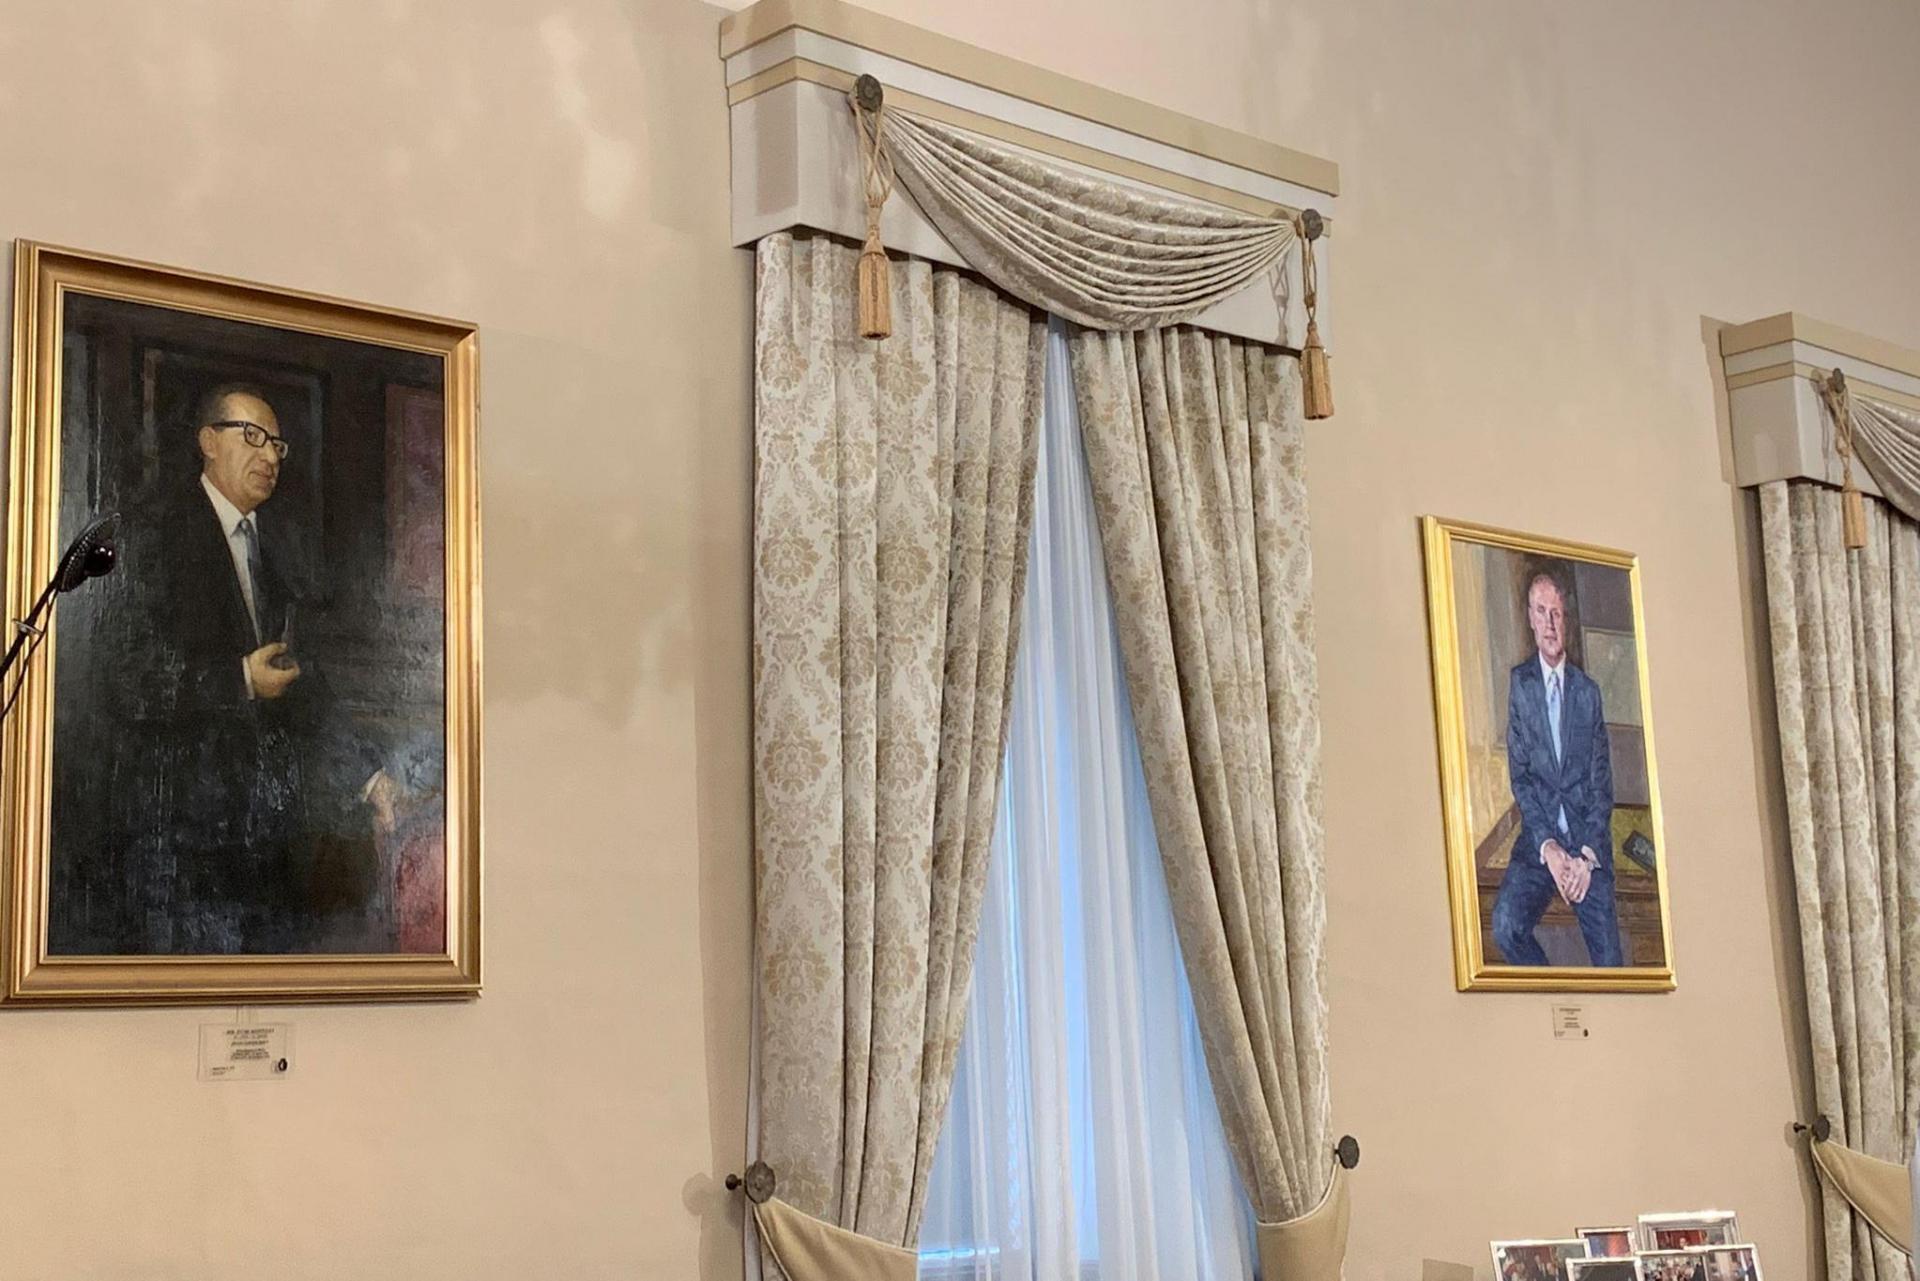 Joseph Muscat's portrait faces that of former Labour leader Dom Mintoff. Photo: Ivan Martin